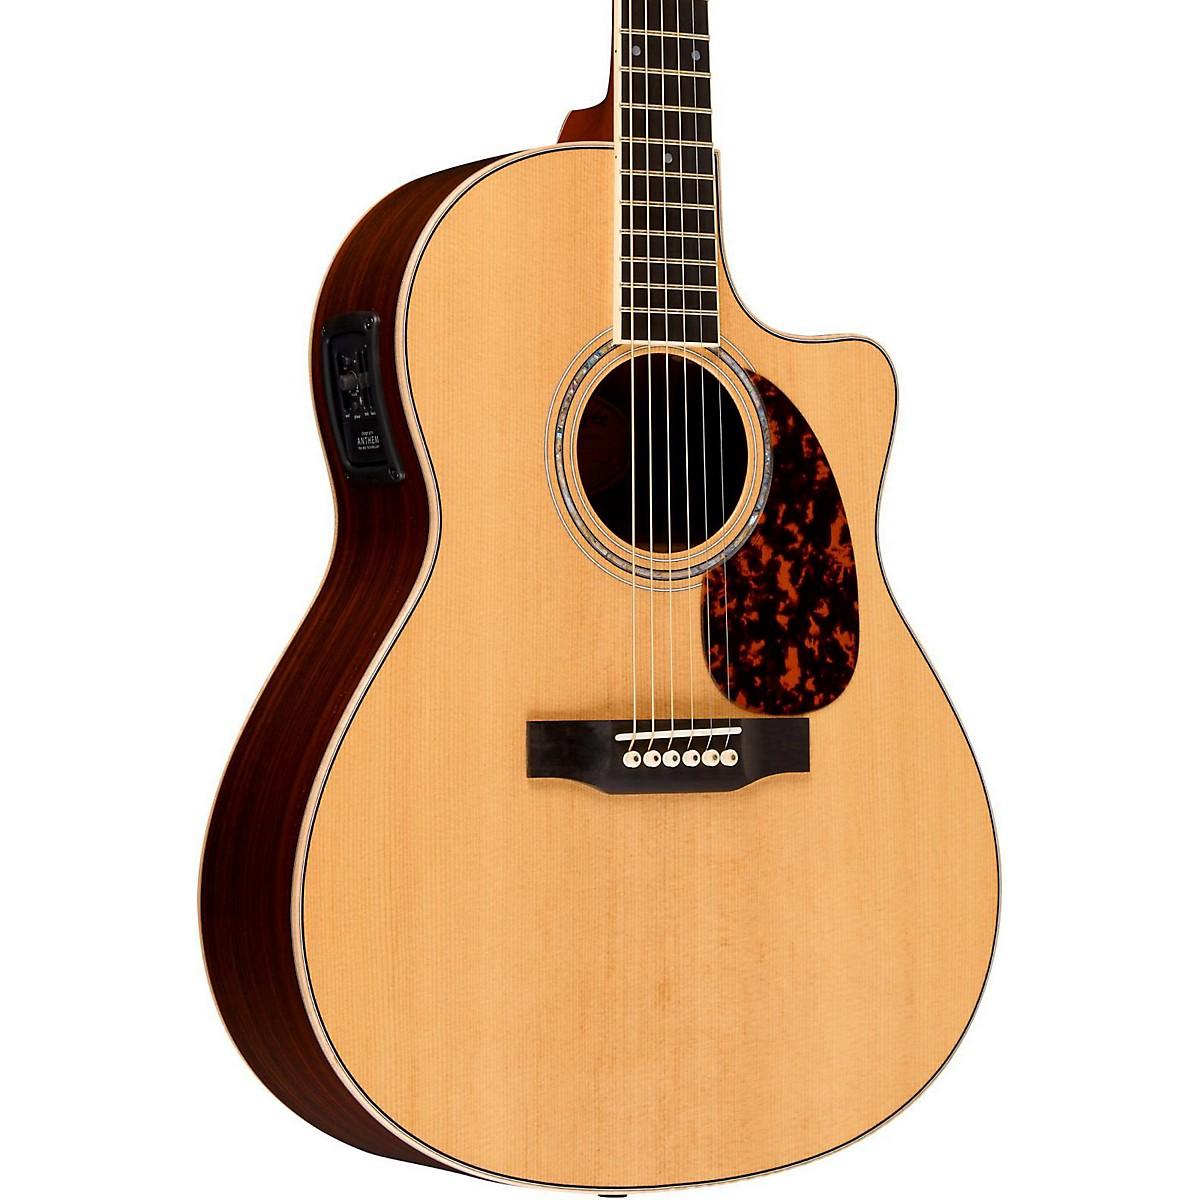 Larrivee LV-09E Rosewood Select Series Cutaway Acoustic-Electric Guitar